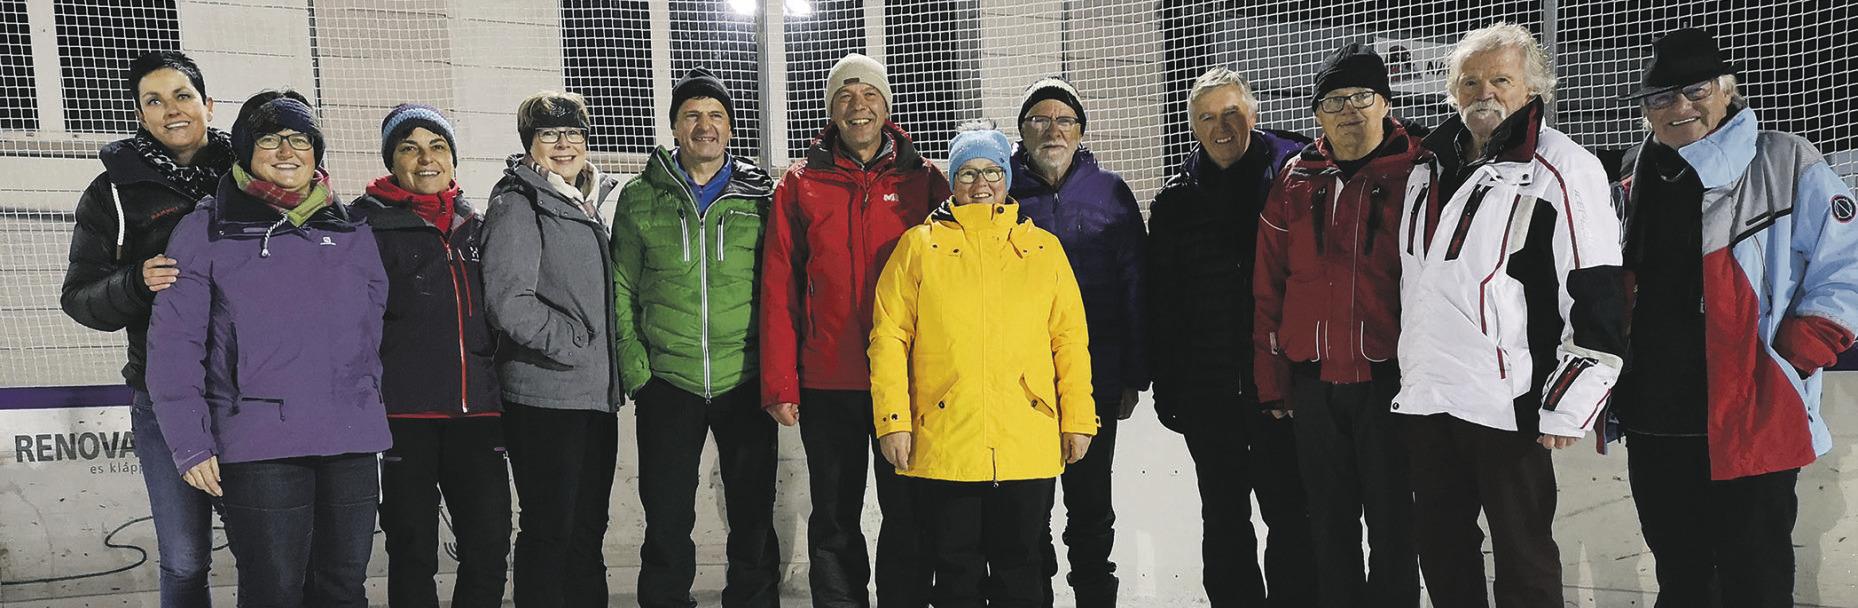 SAC Einsiedeln siegt auf Eis